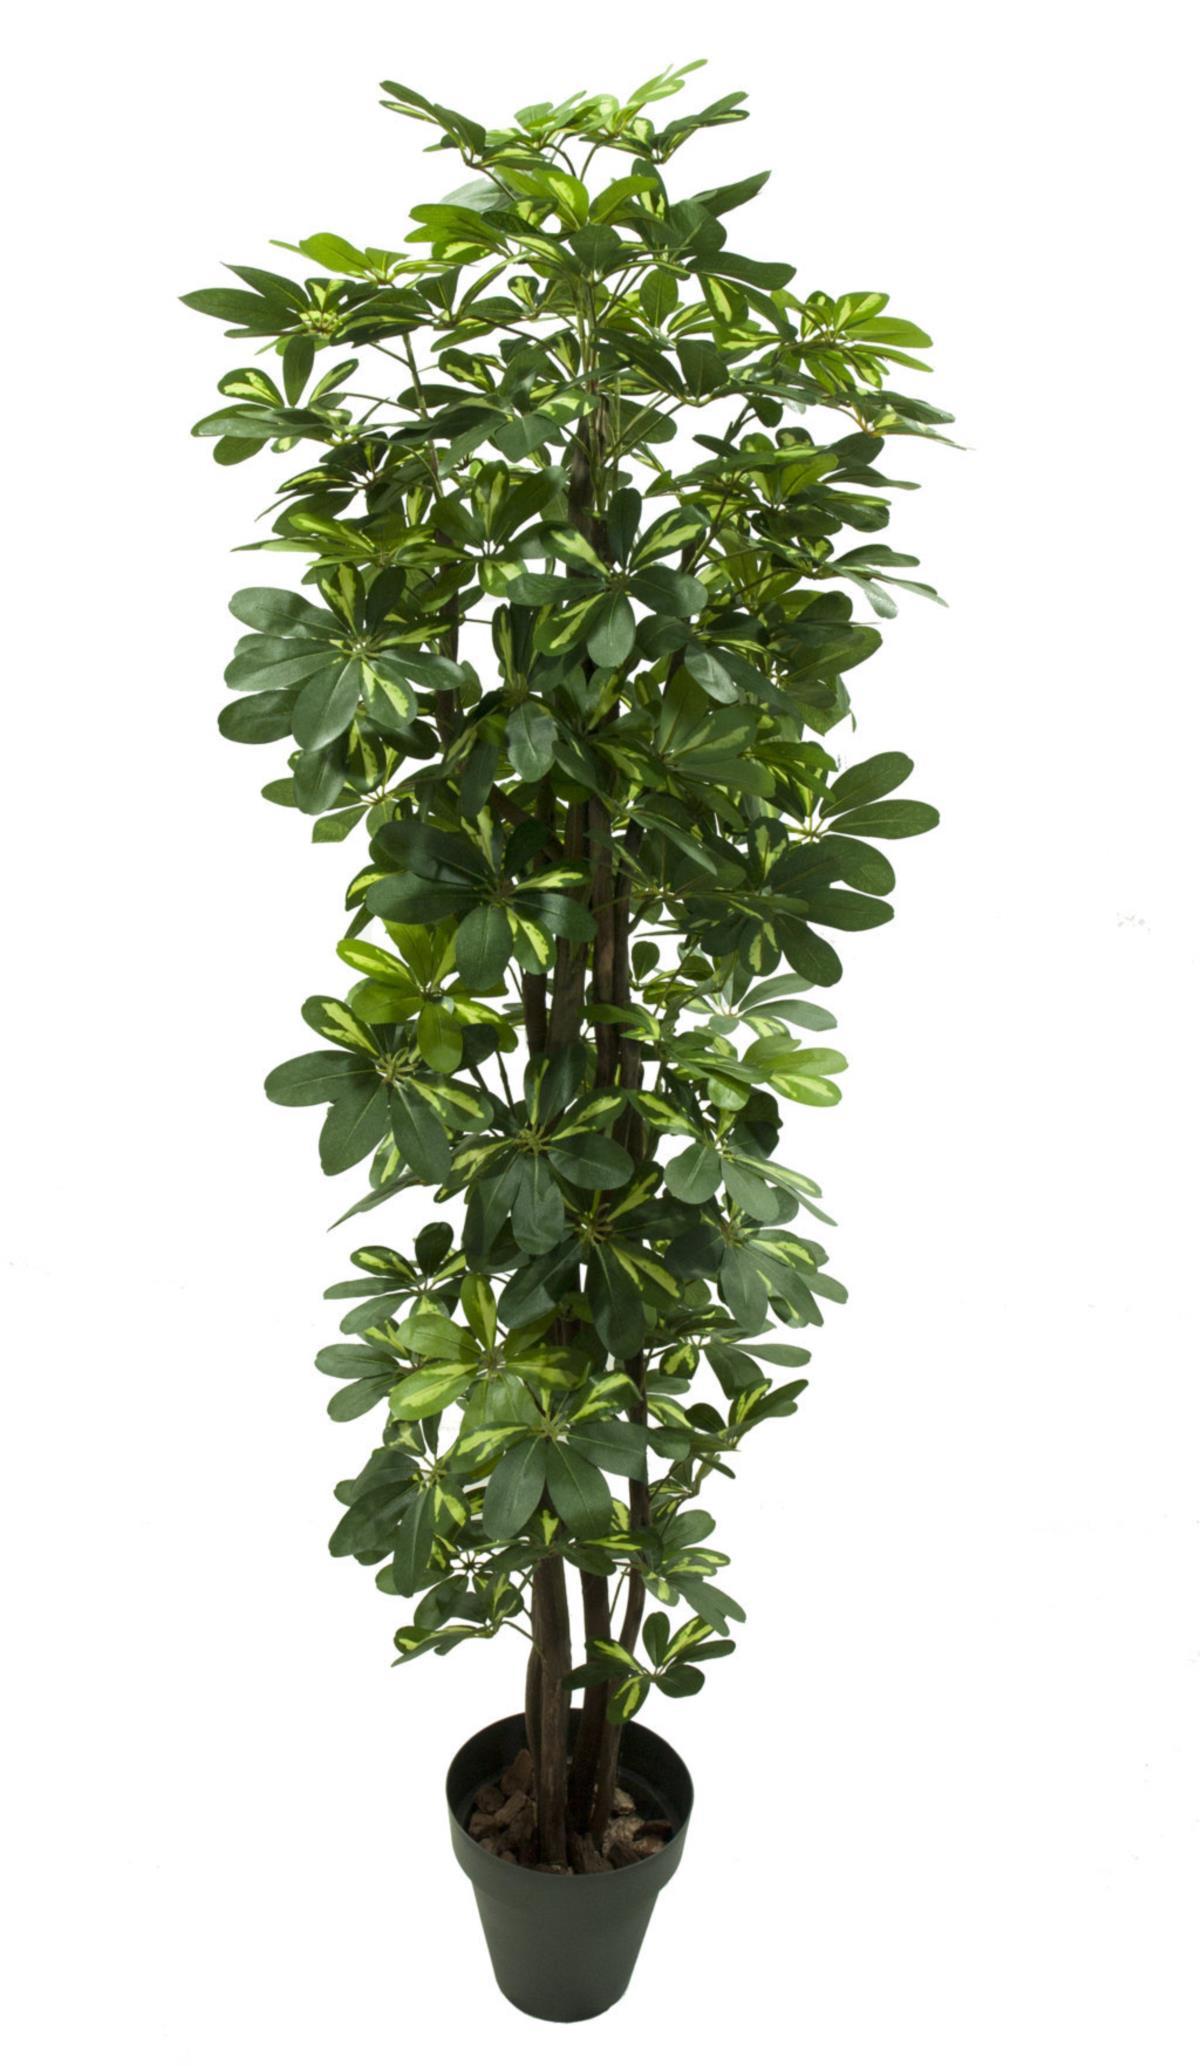 plantas altas Schefflera